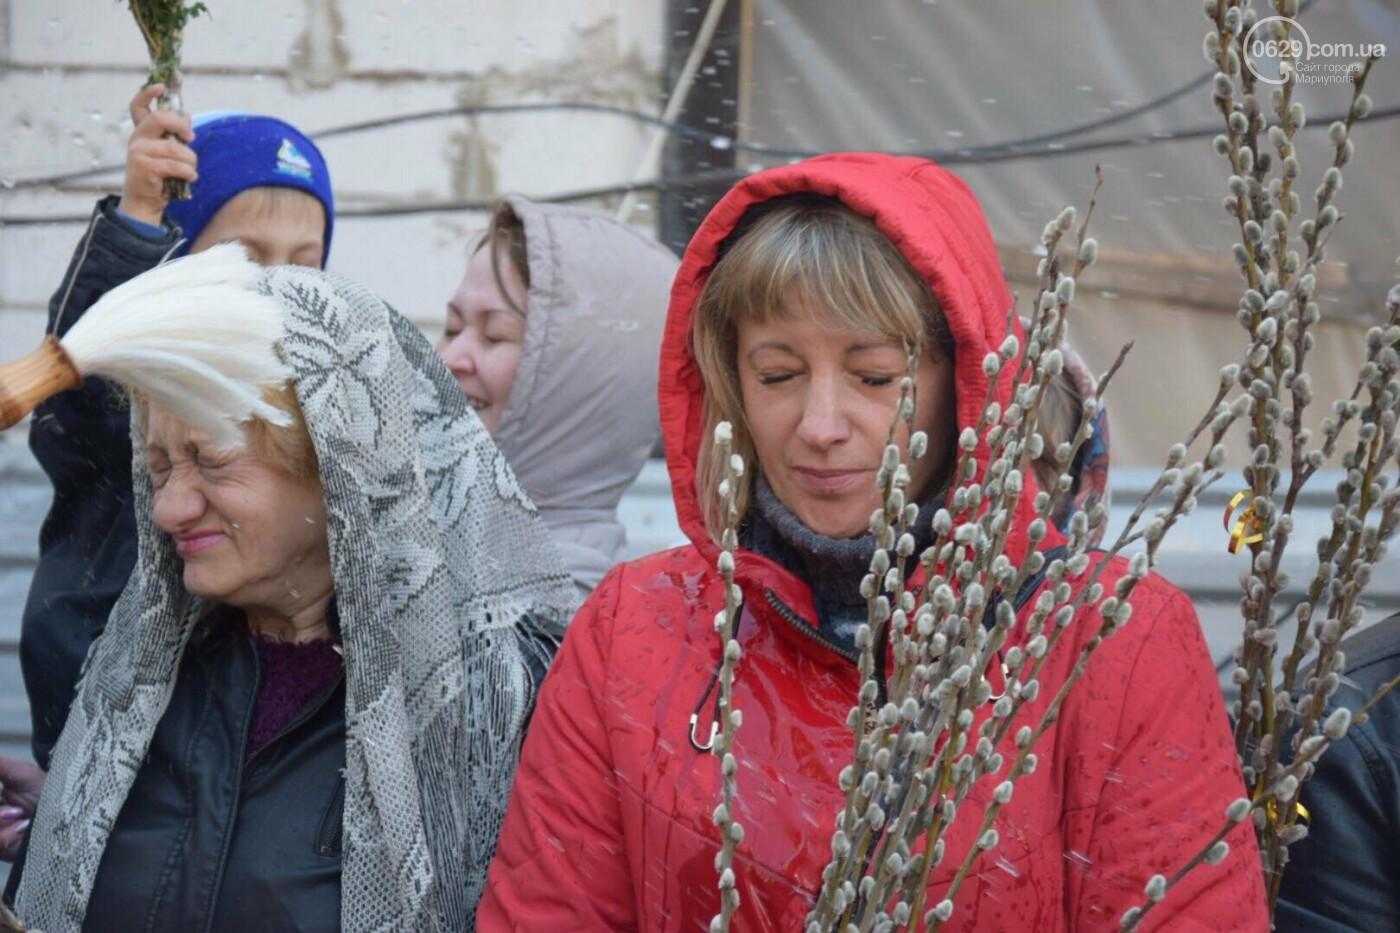 Выборы и верба: как Мариуполь празднует православный праздник, - ФОТОРЕПОРТАЖ, фото-8